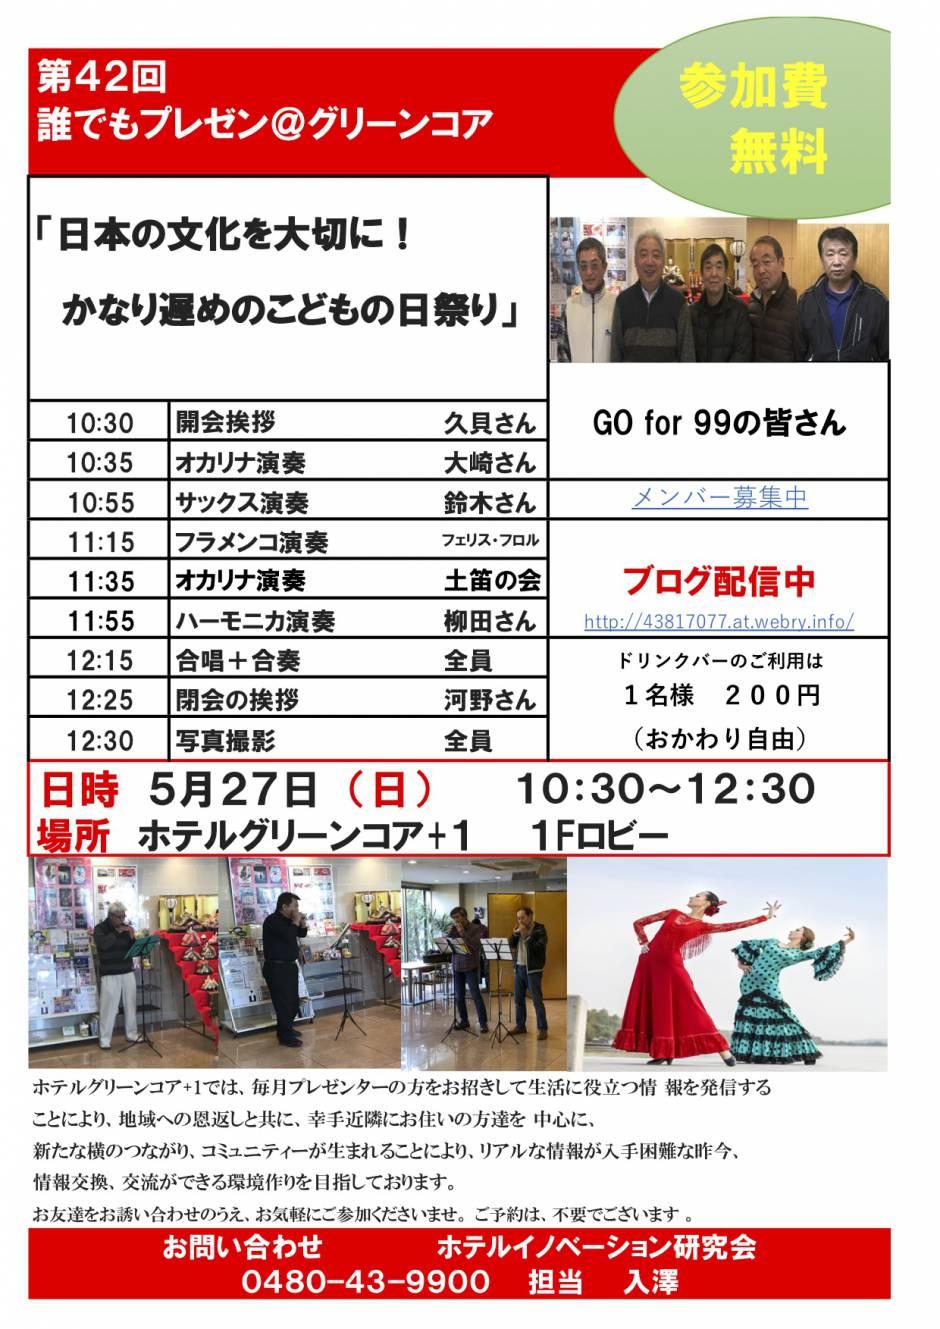 第42回誰でもプレゼン 「日本の文化を大切に!かなり遅めのこどもの日祭り」